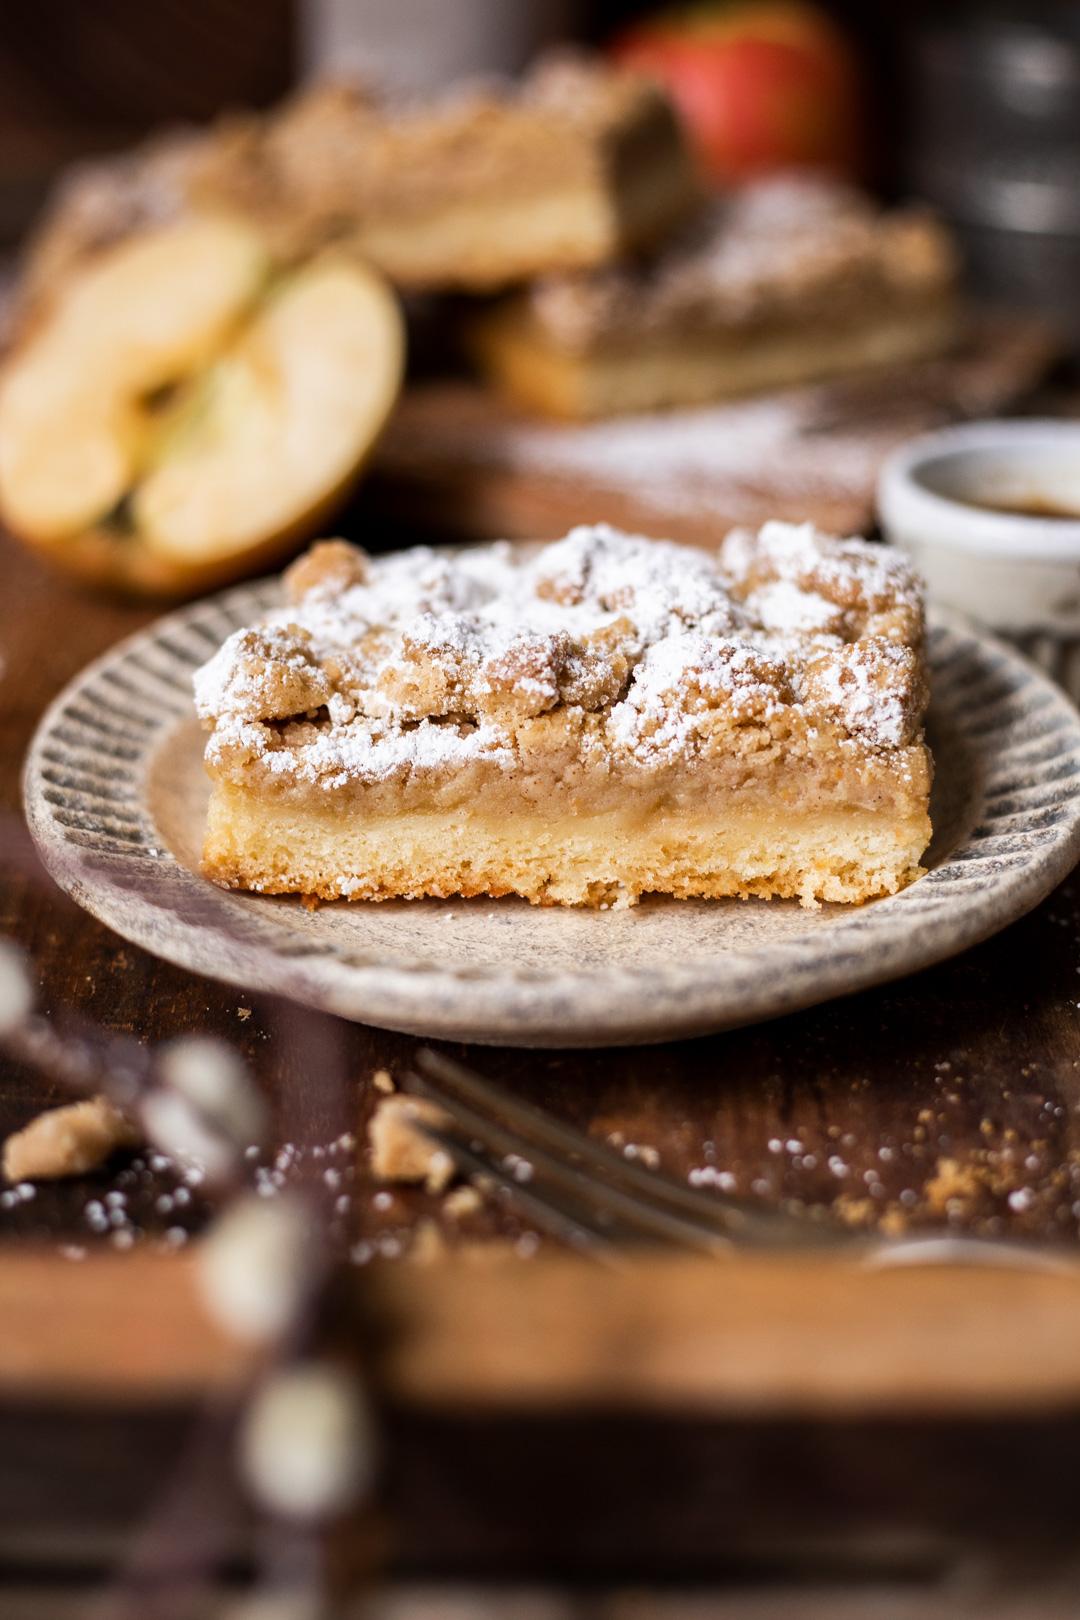 Apfelmuskuchen mit Streuseln - Kochmädchen Foodblog